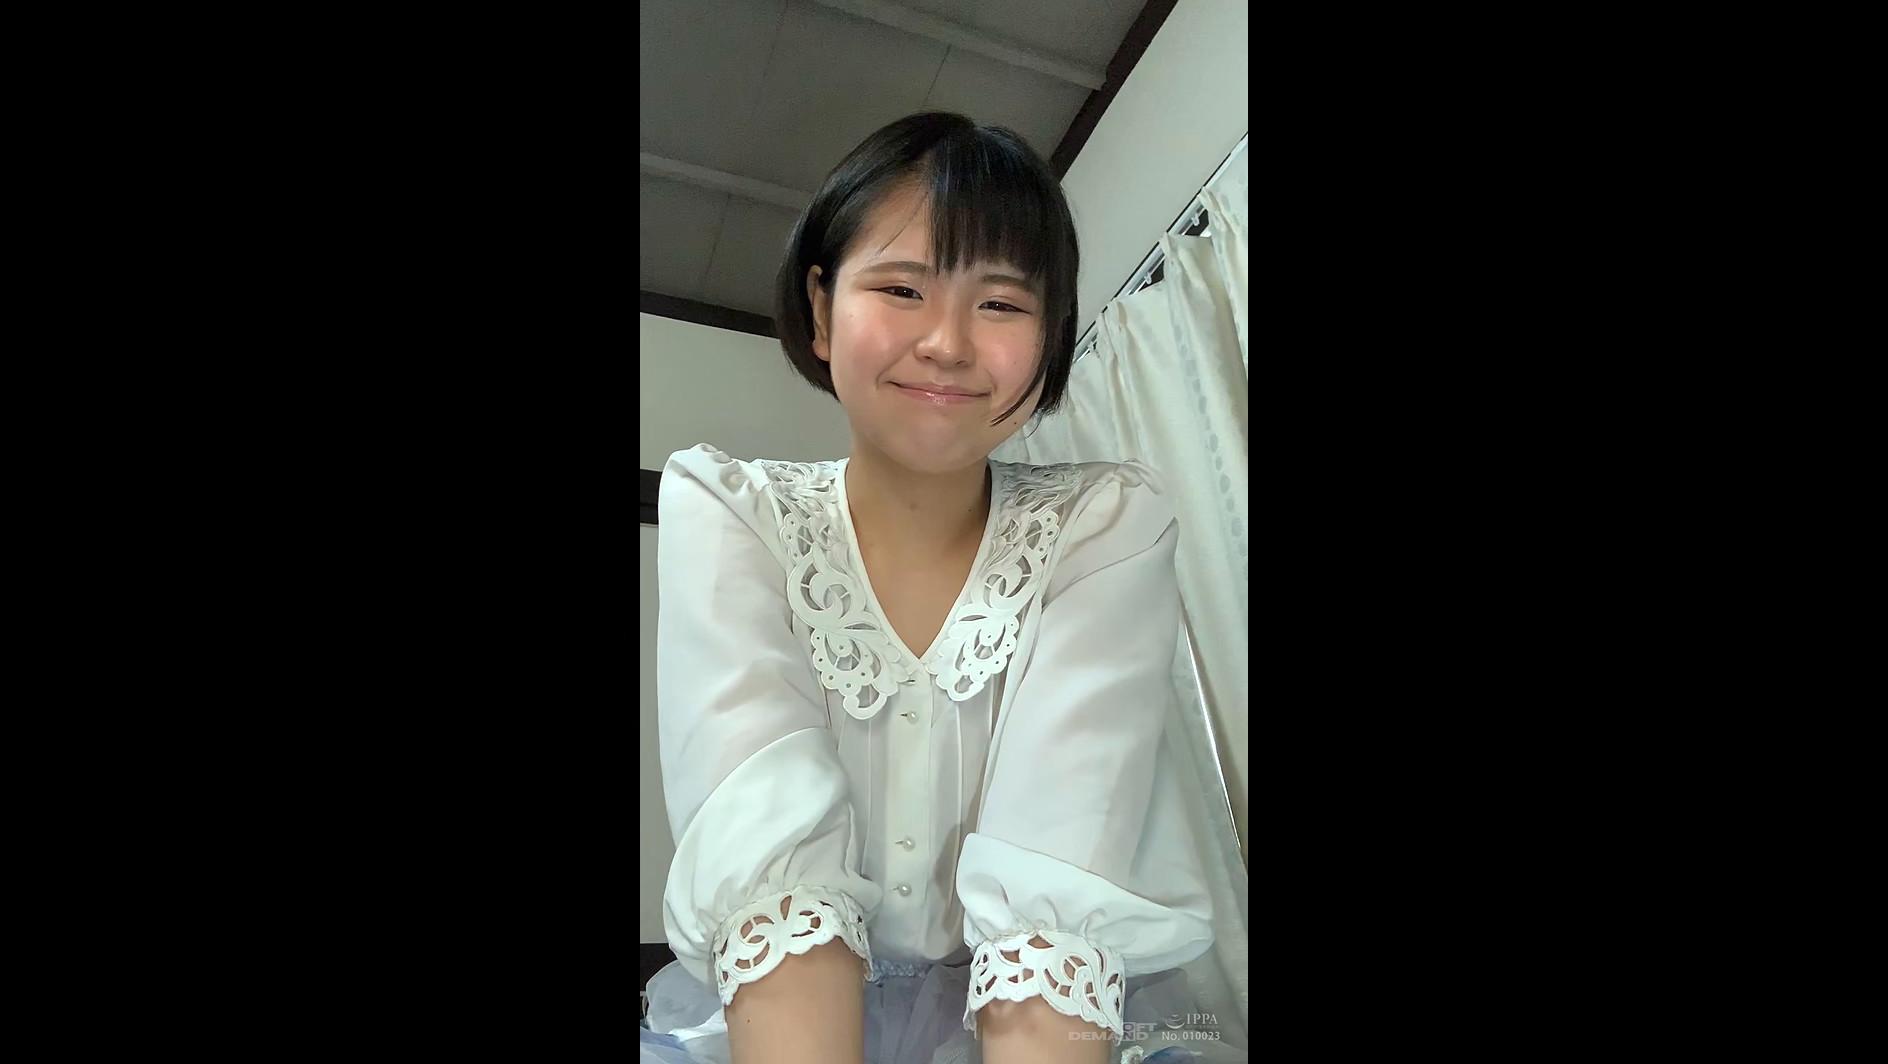 ビデオ通話エッチ JOI ゆり 【縦動画】 画像3